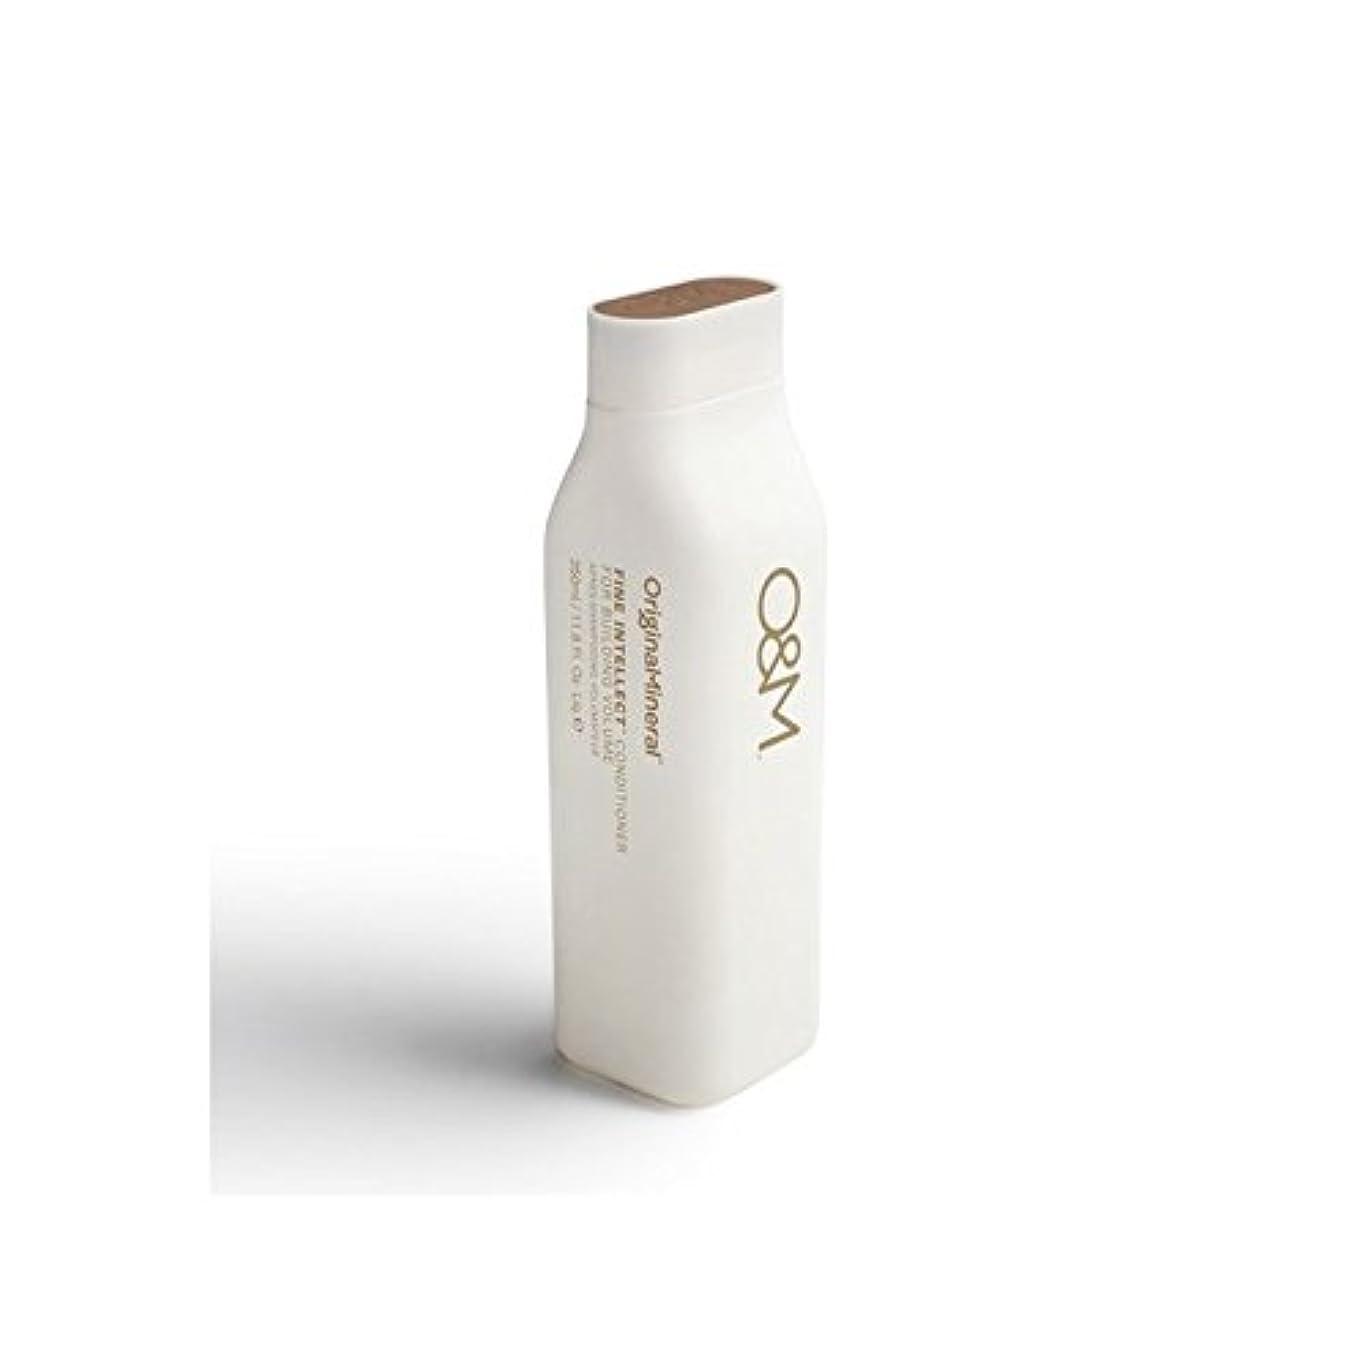 更新カウンターパート一握りOriginal & Mineral Fine Intellect Conditioner (350ml) - オリジナル&ミネラル細かい知性コンディショナー(350ミリリットル) [並行輸入品]